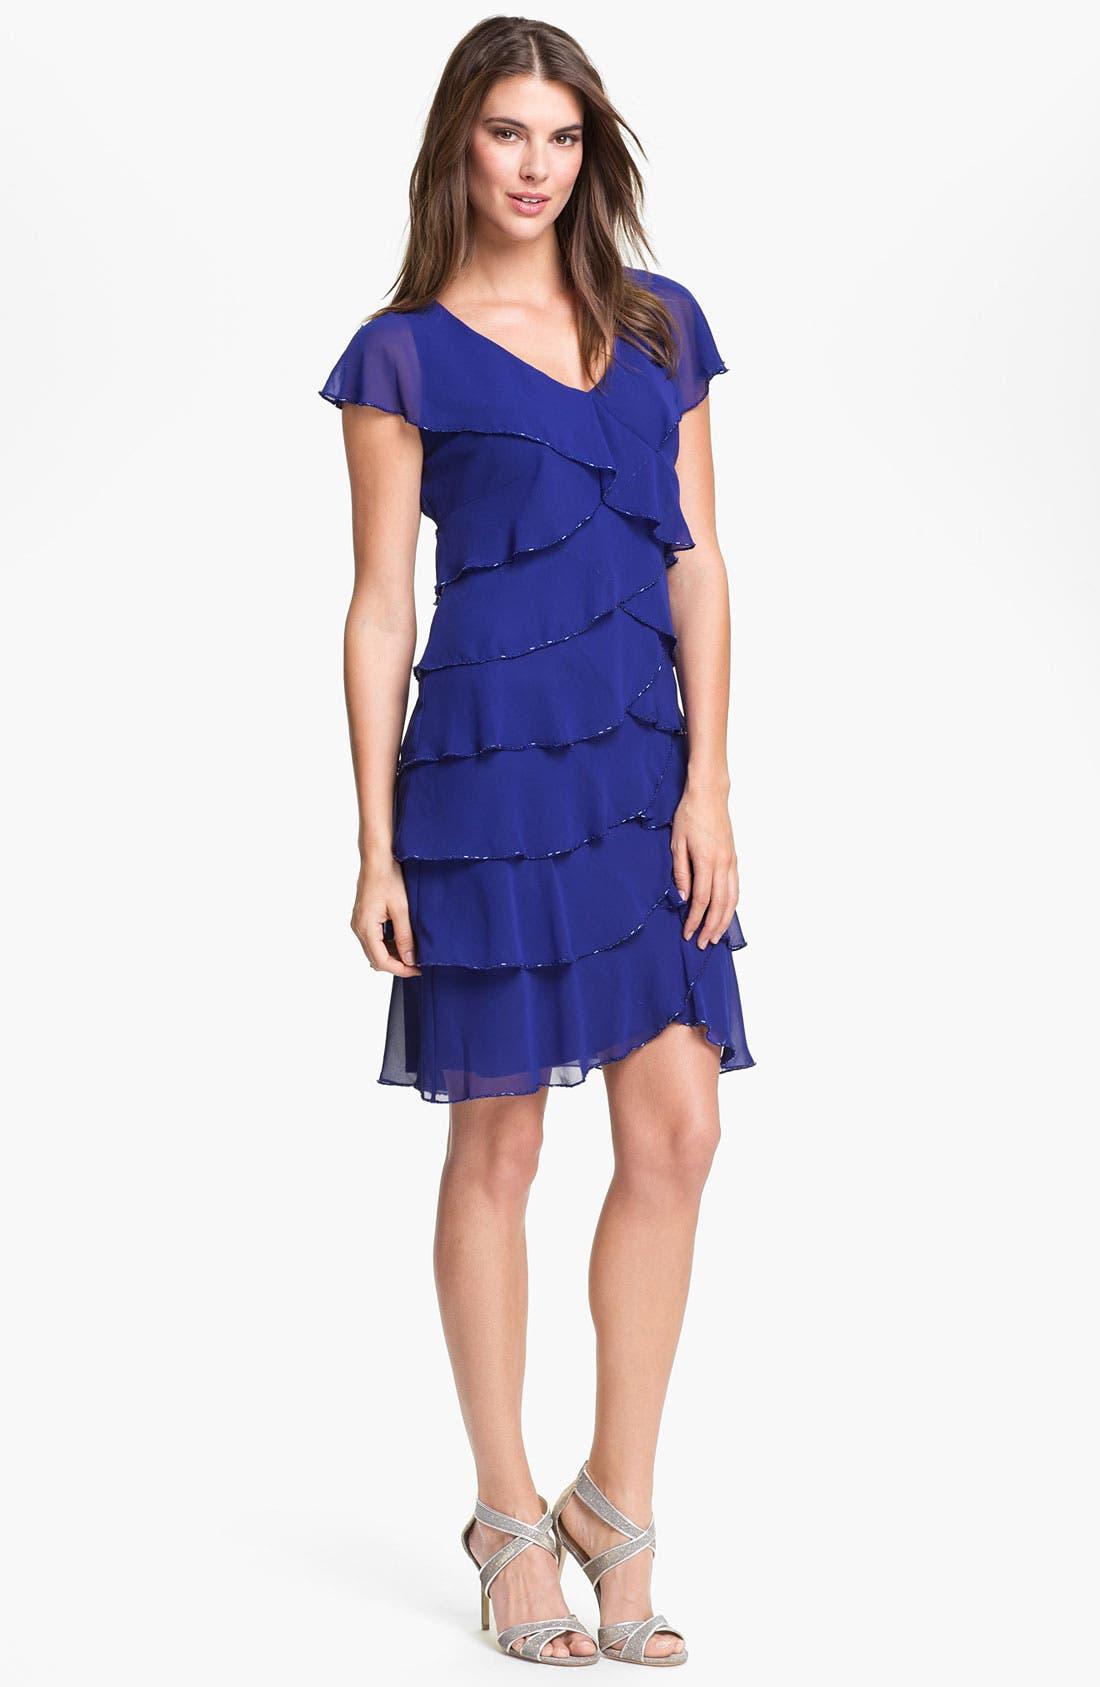 Alternate Image 1  - Patra Embellished Layered Chiffon Dress